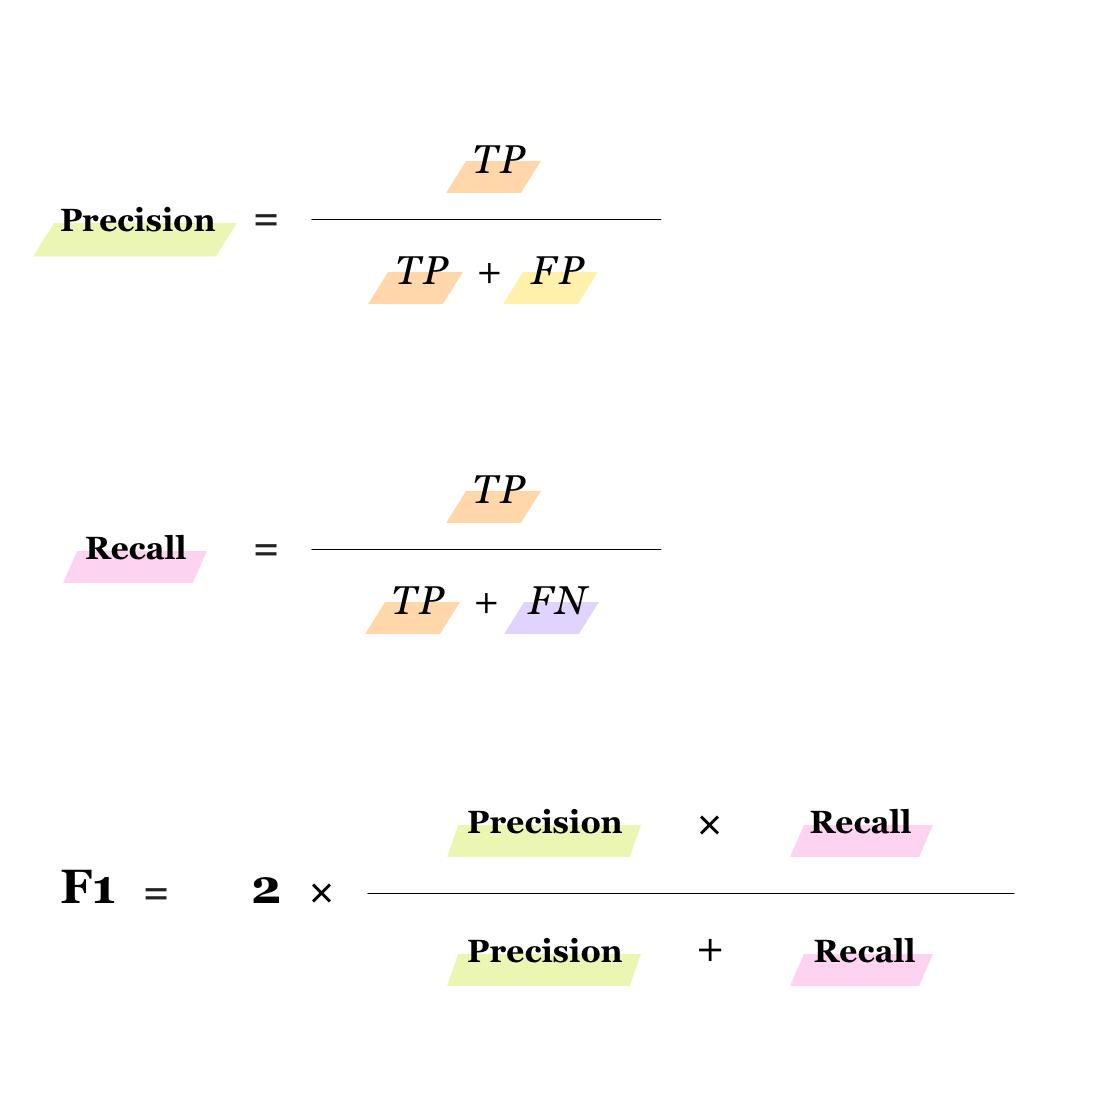 Precision, recall, F1